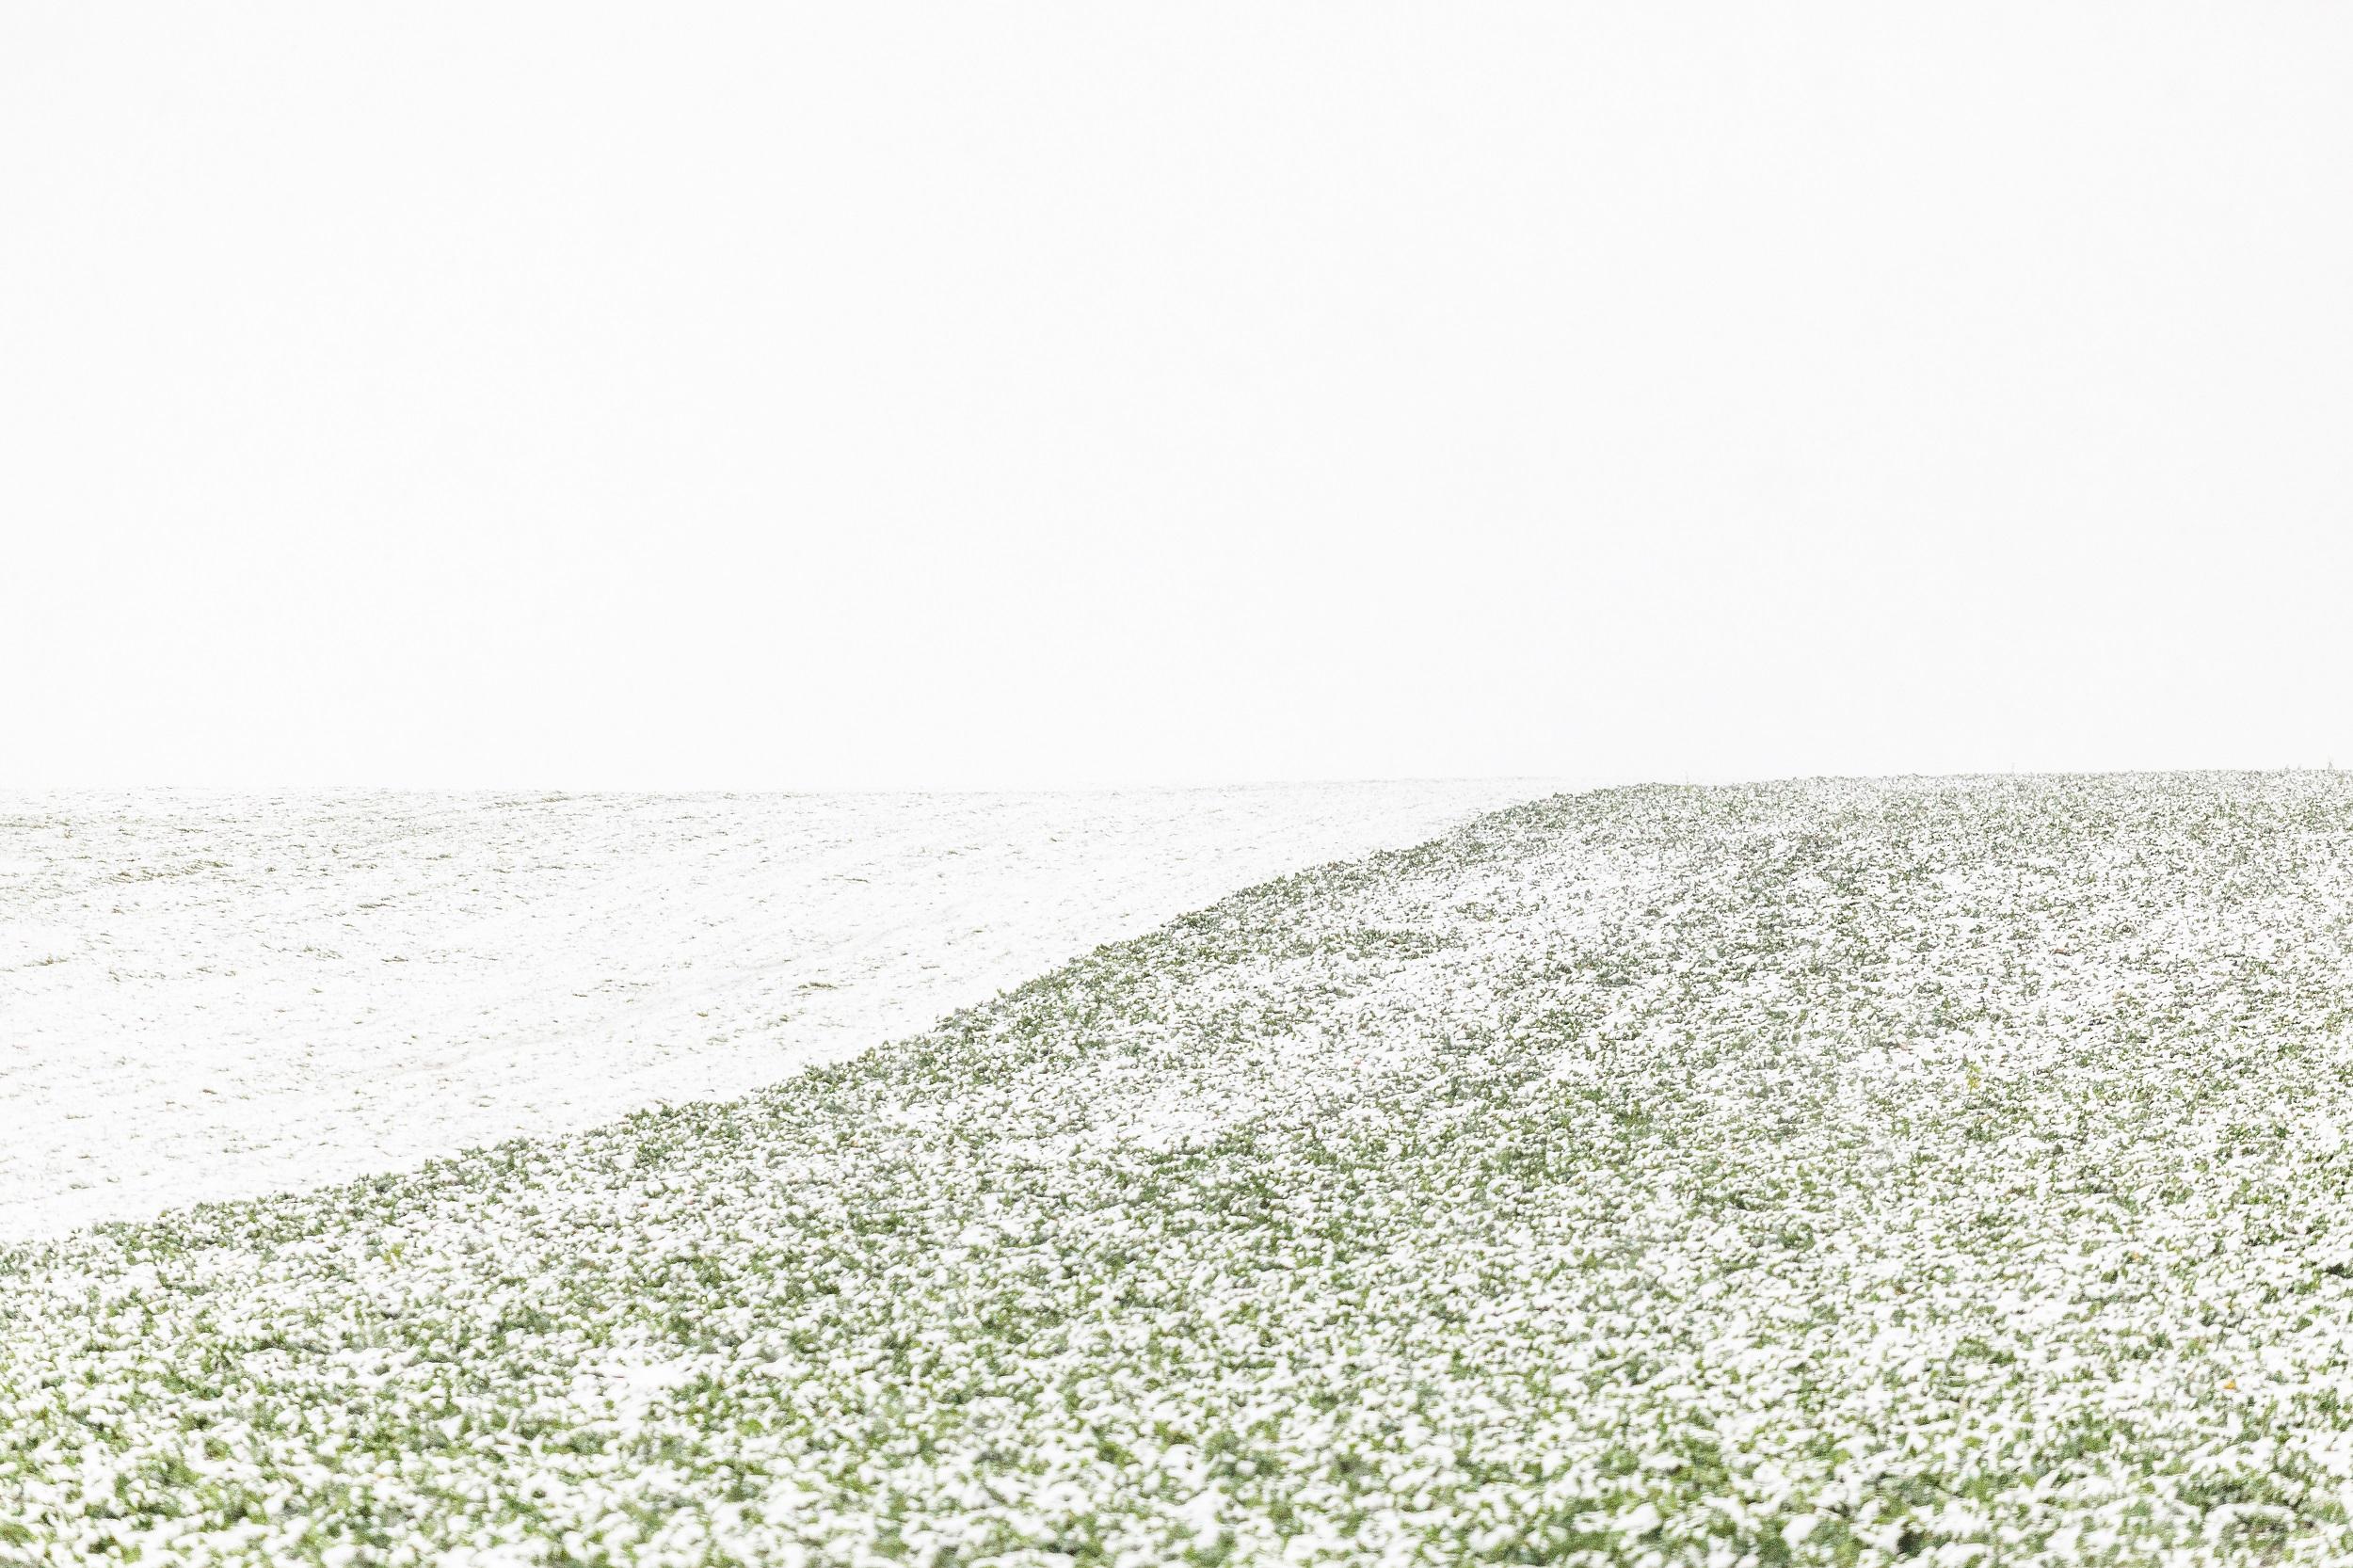 glenn vanderbeke, landschapsfotografie, landschapsfotograaf, foto uitstap, foto dagtrip, fotografische dagtrip, west-vlaamse fotograaf, Foto uitstap, Wallonië, stormchasing, onweersfotografie, onweersfoto, fotografie uitstap, sneeuwstorm fotograferen, hoe een sneeuwstorm fotograferen, sneeuw ardennen